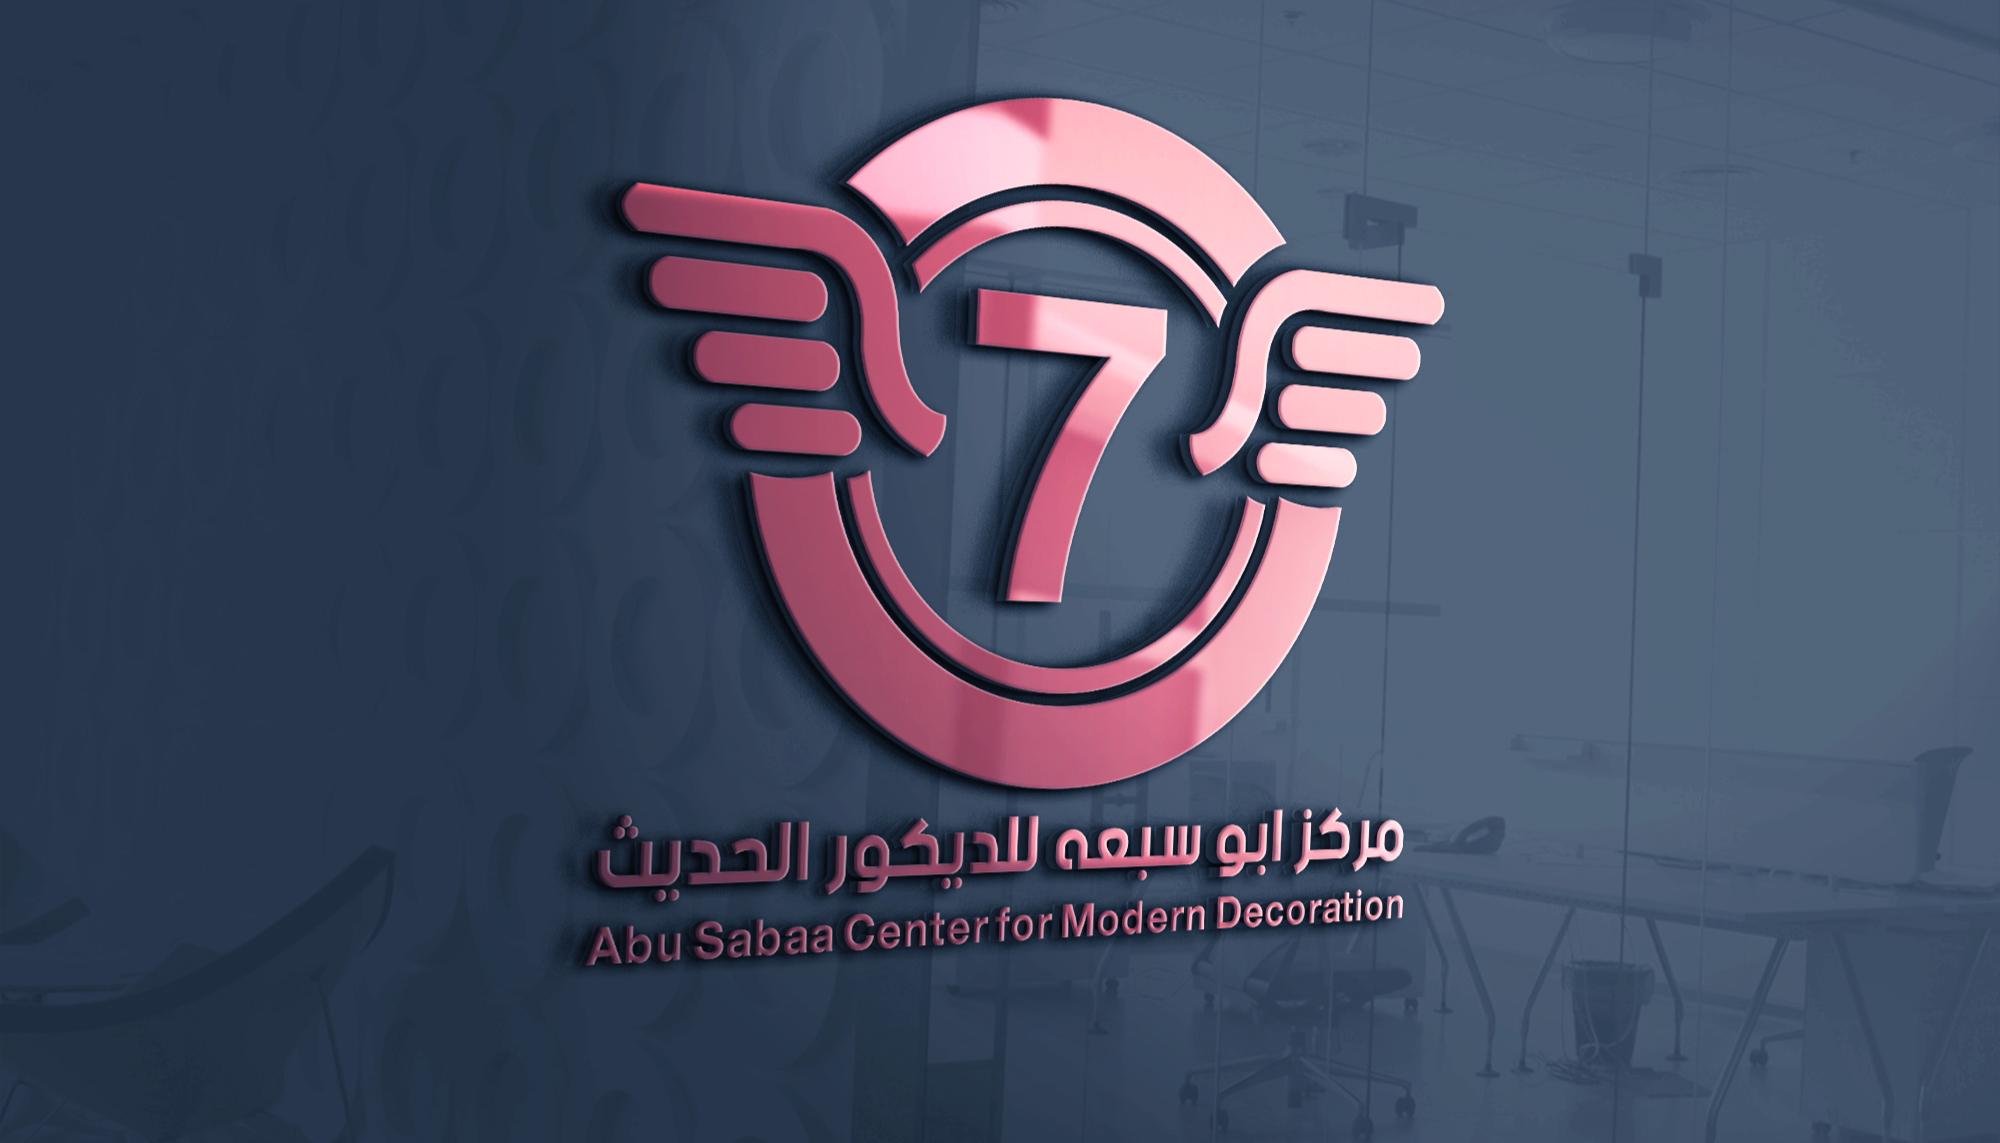 متجر أبو سبعة